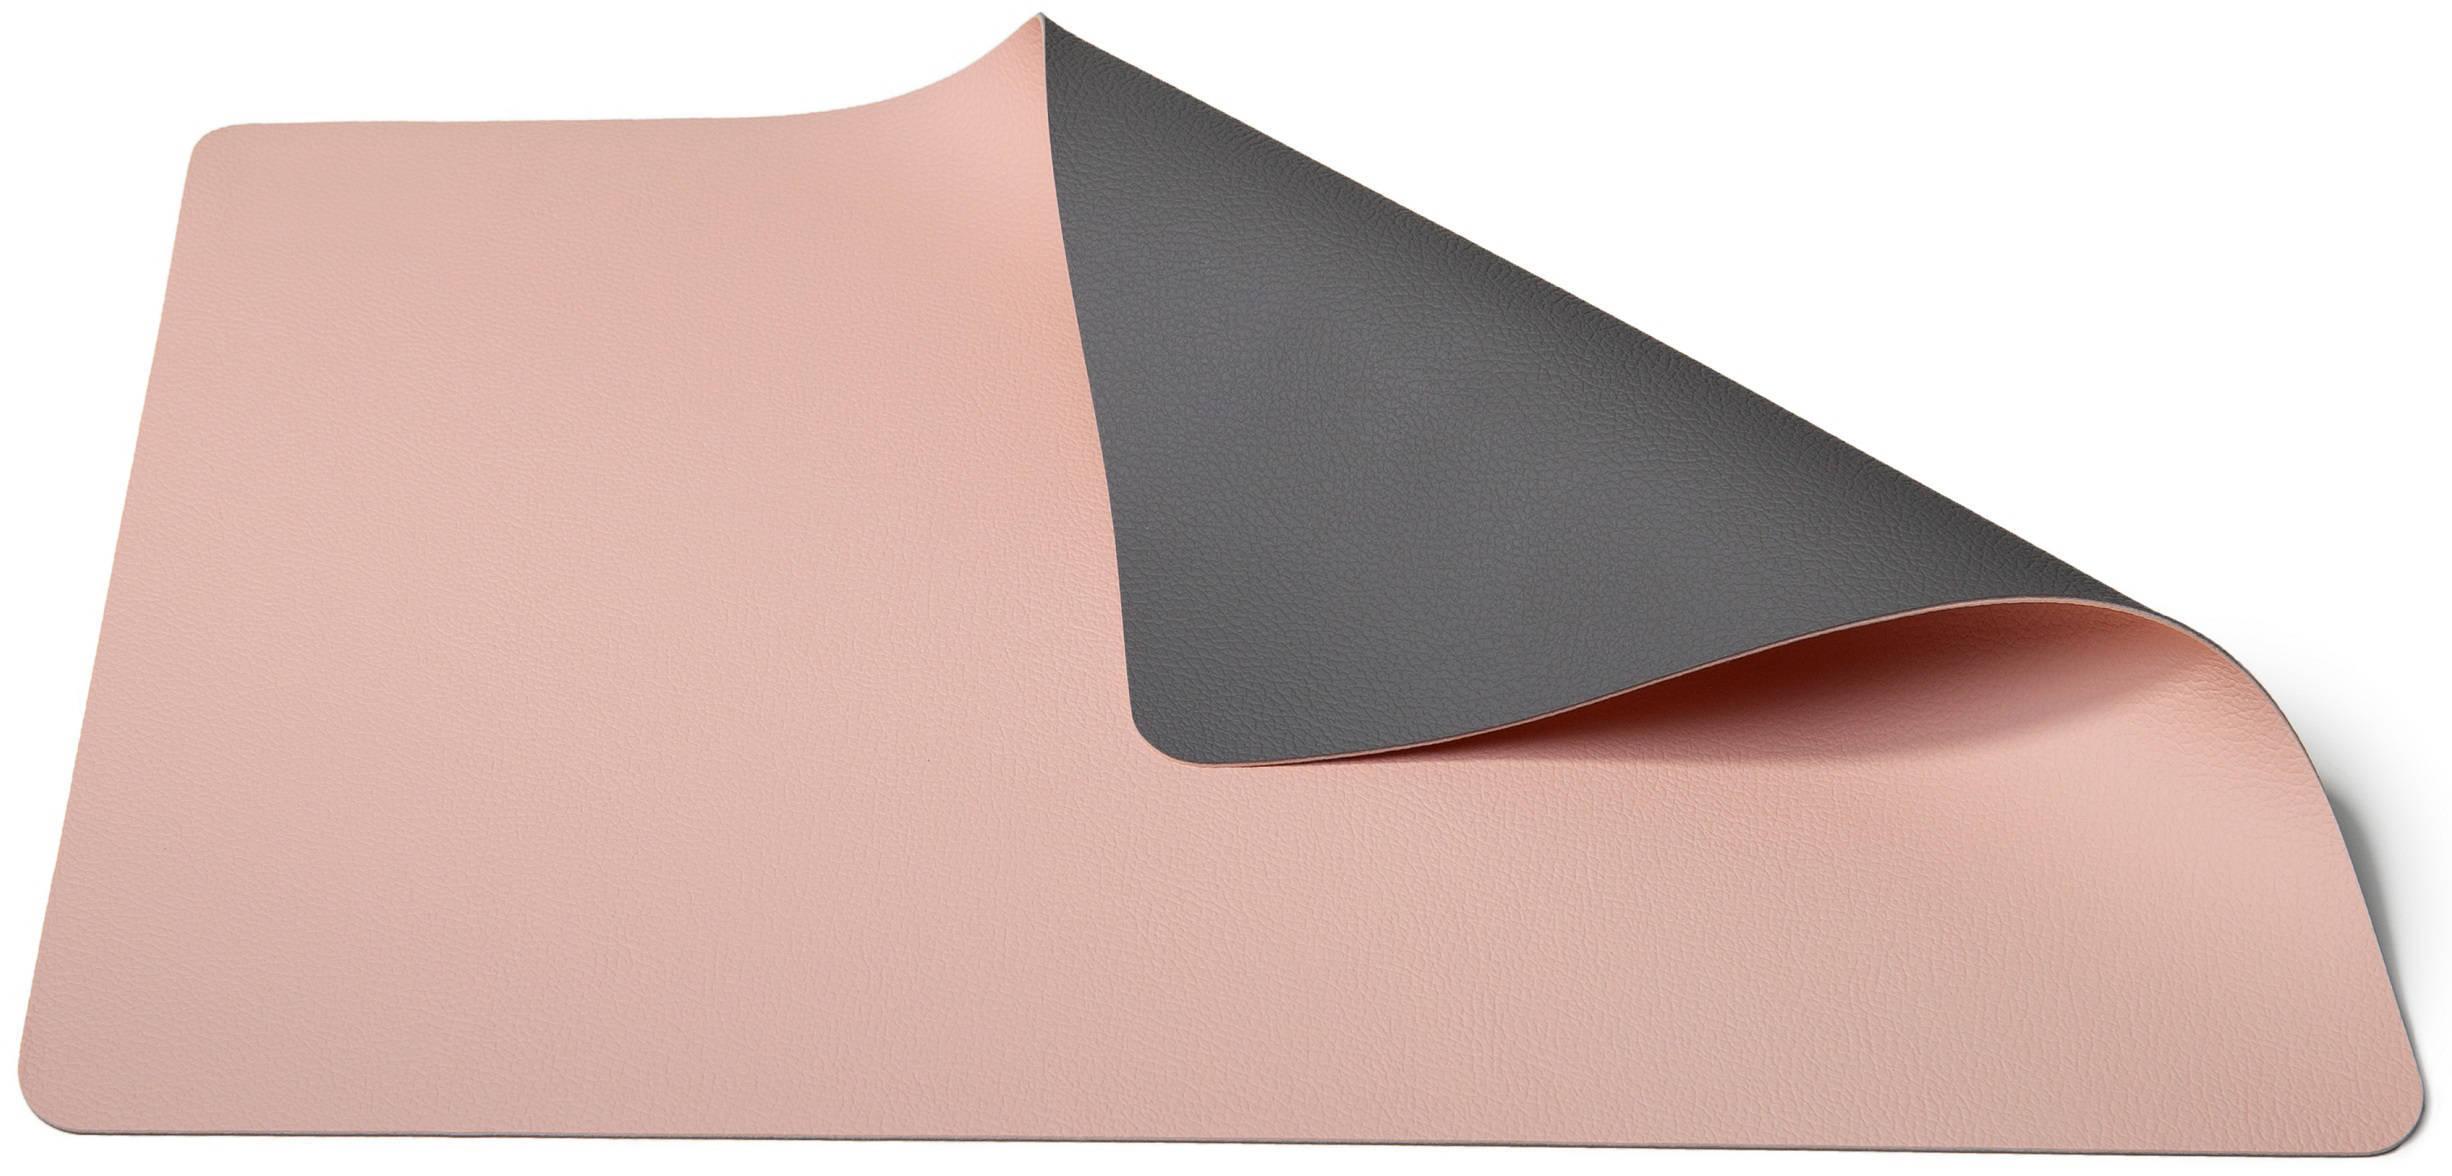 Jay Hill Placemats Leer Donkergrijs Roze 33 x 46 cm 6 Stuks online kopen